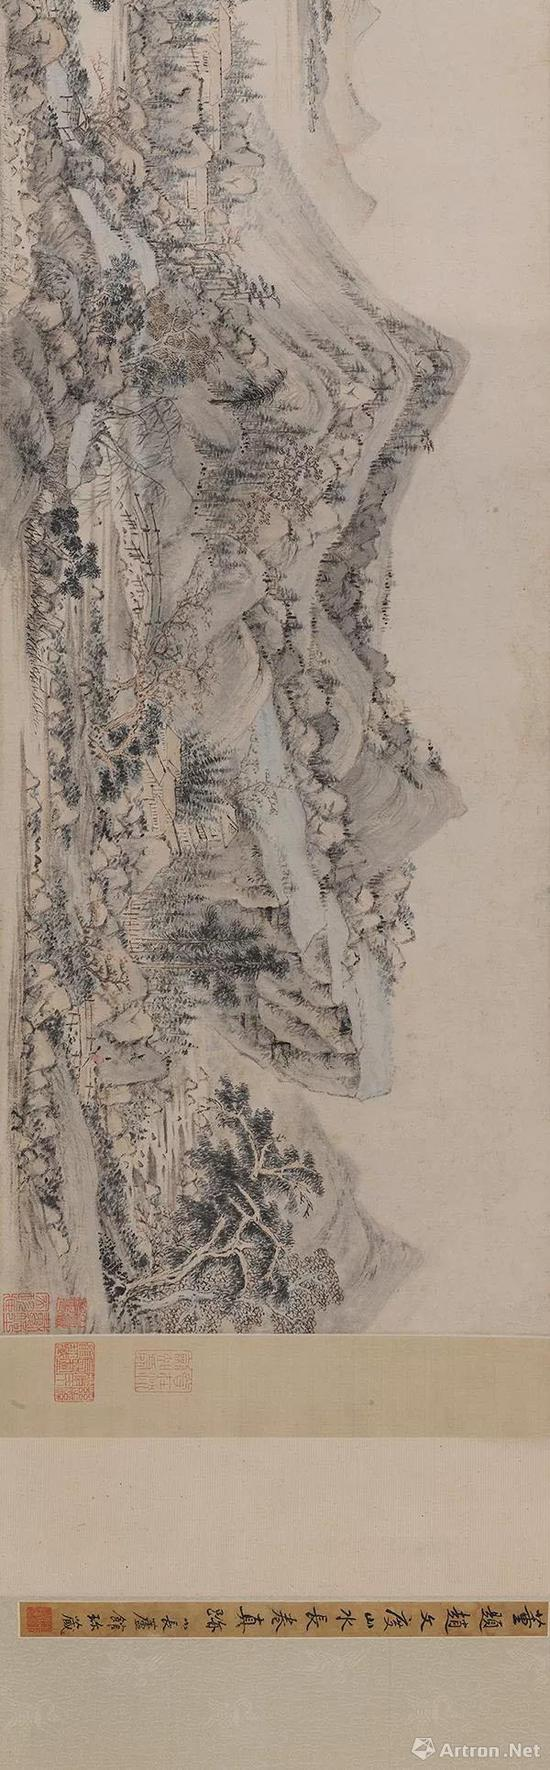 赵左(明,万历—崇祯) 谿山无尽图 手卷 设色纸本 尺寸 28×598cm